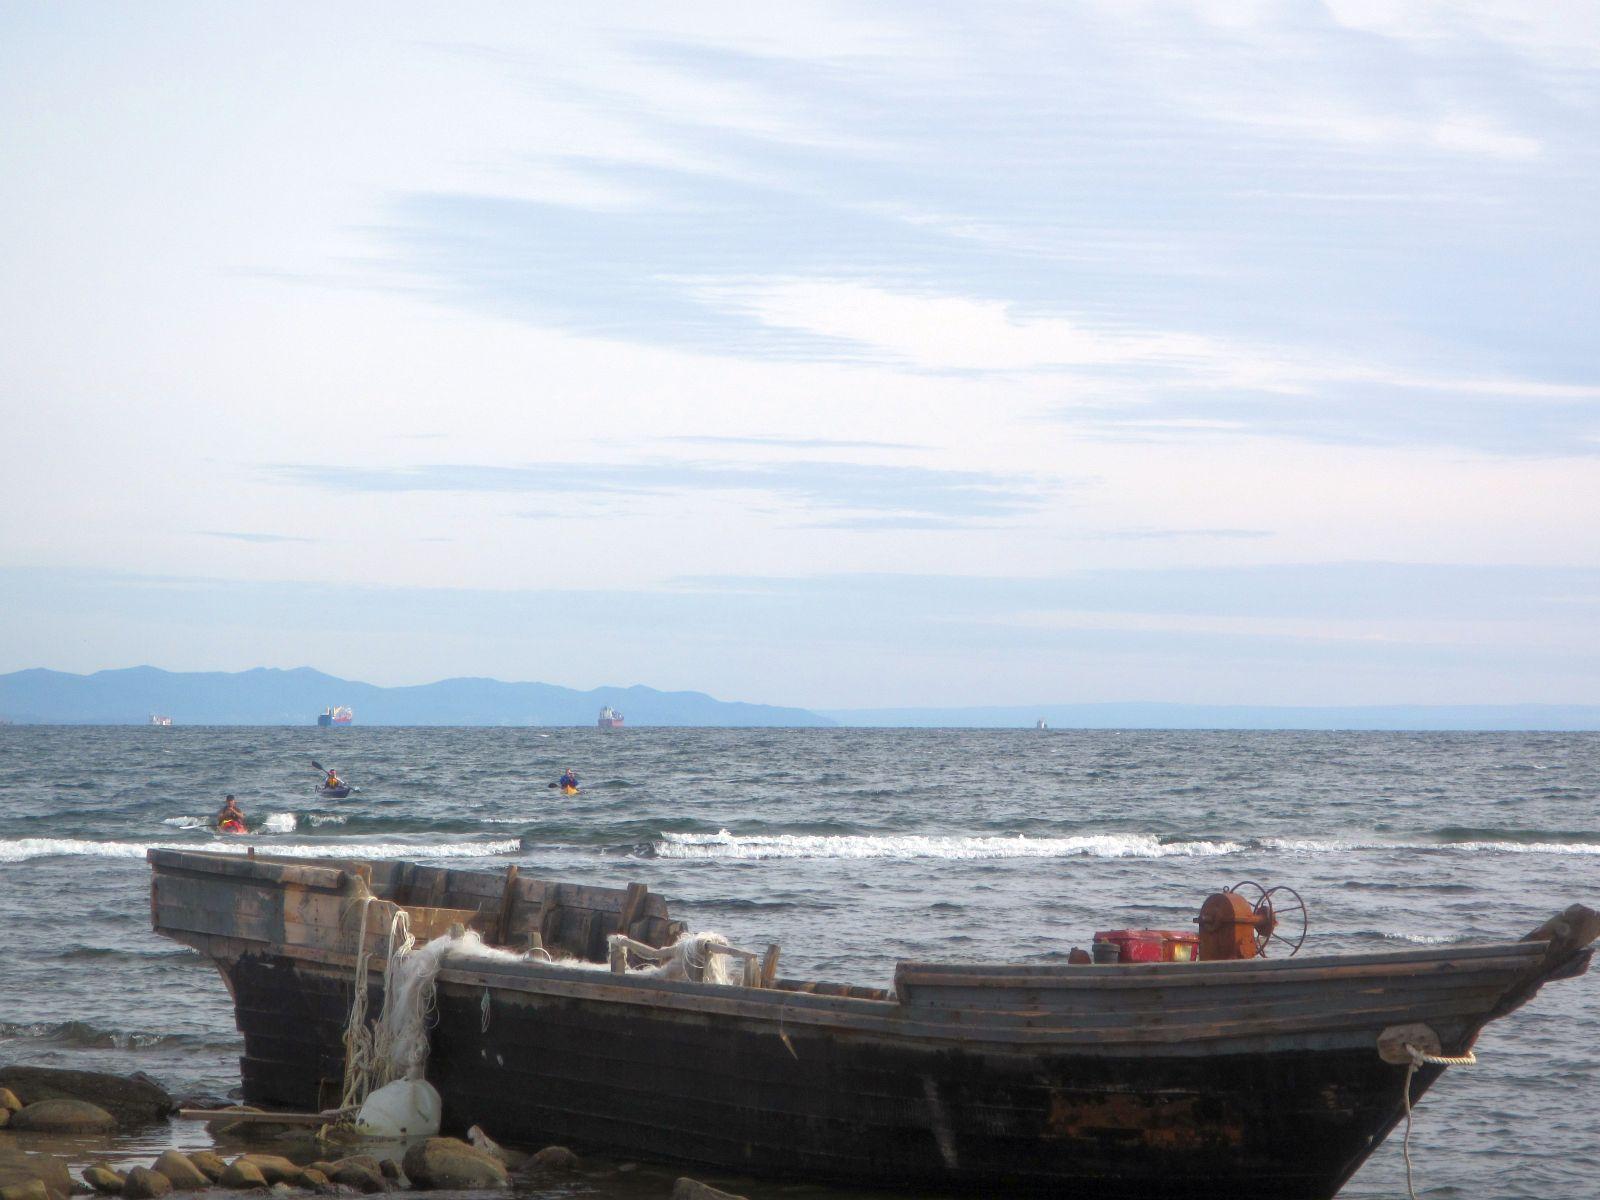 11 Преодоление прибоя на фоне потерпевшей кораблекрушение браконьерской корейской шхуны